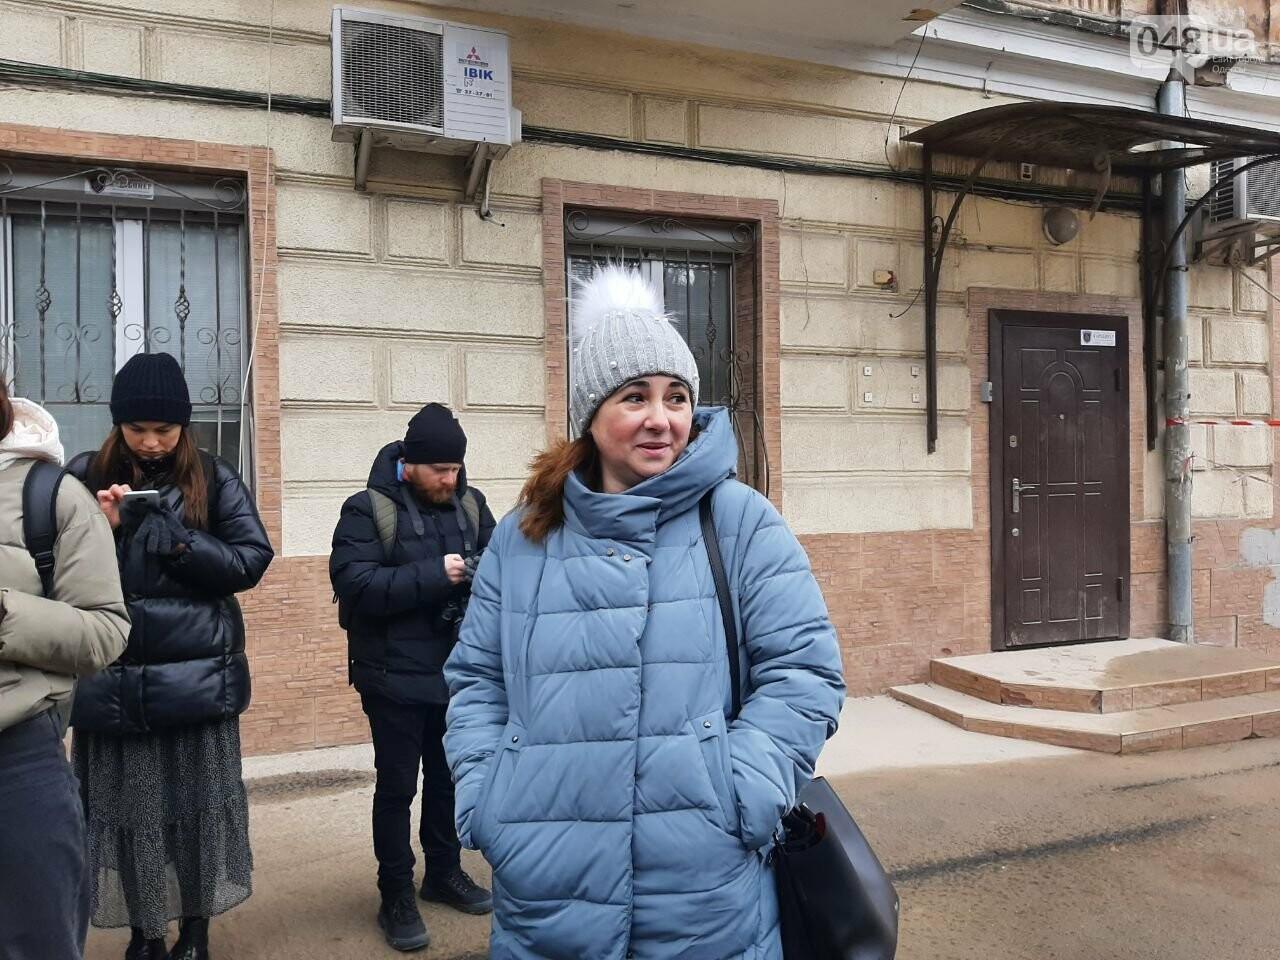 Обвал дома в Одессе: жильцы и горсовет рассказали подробности, - ФОТО, фото-1